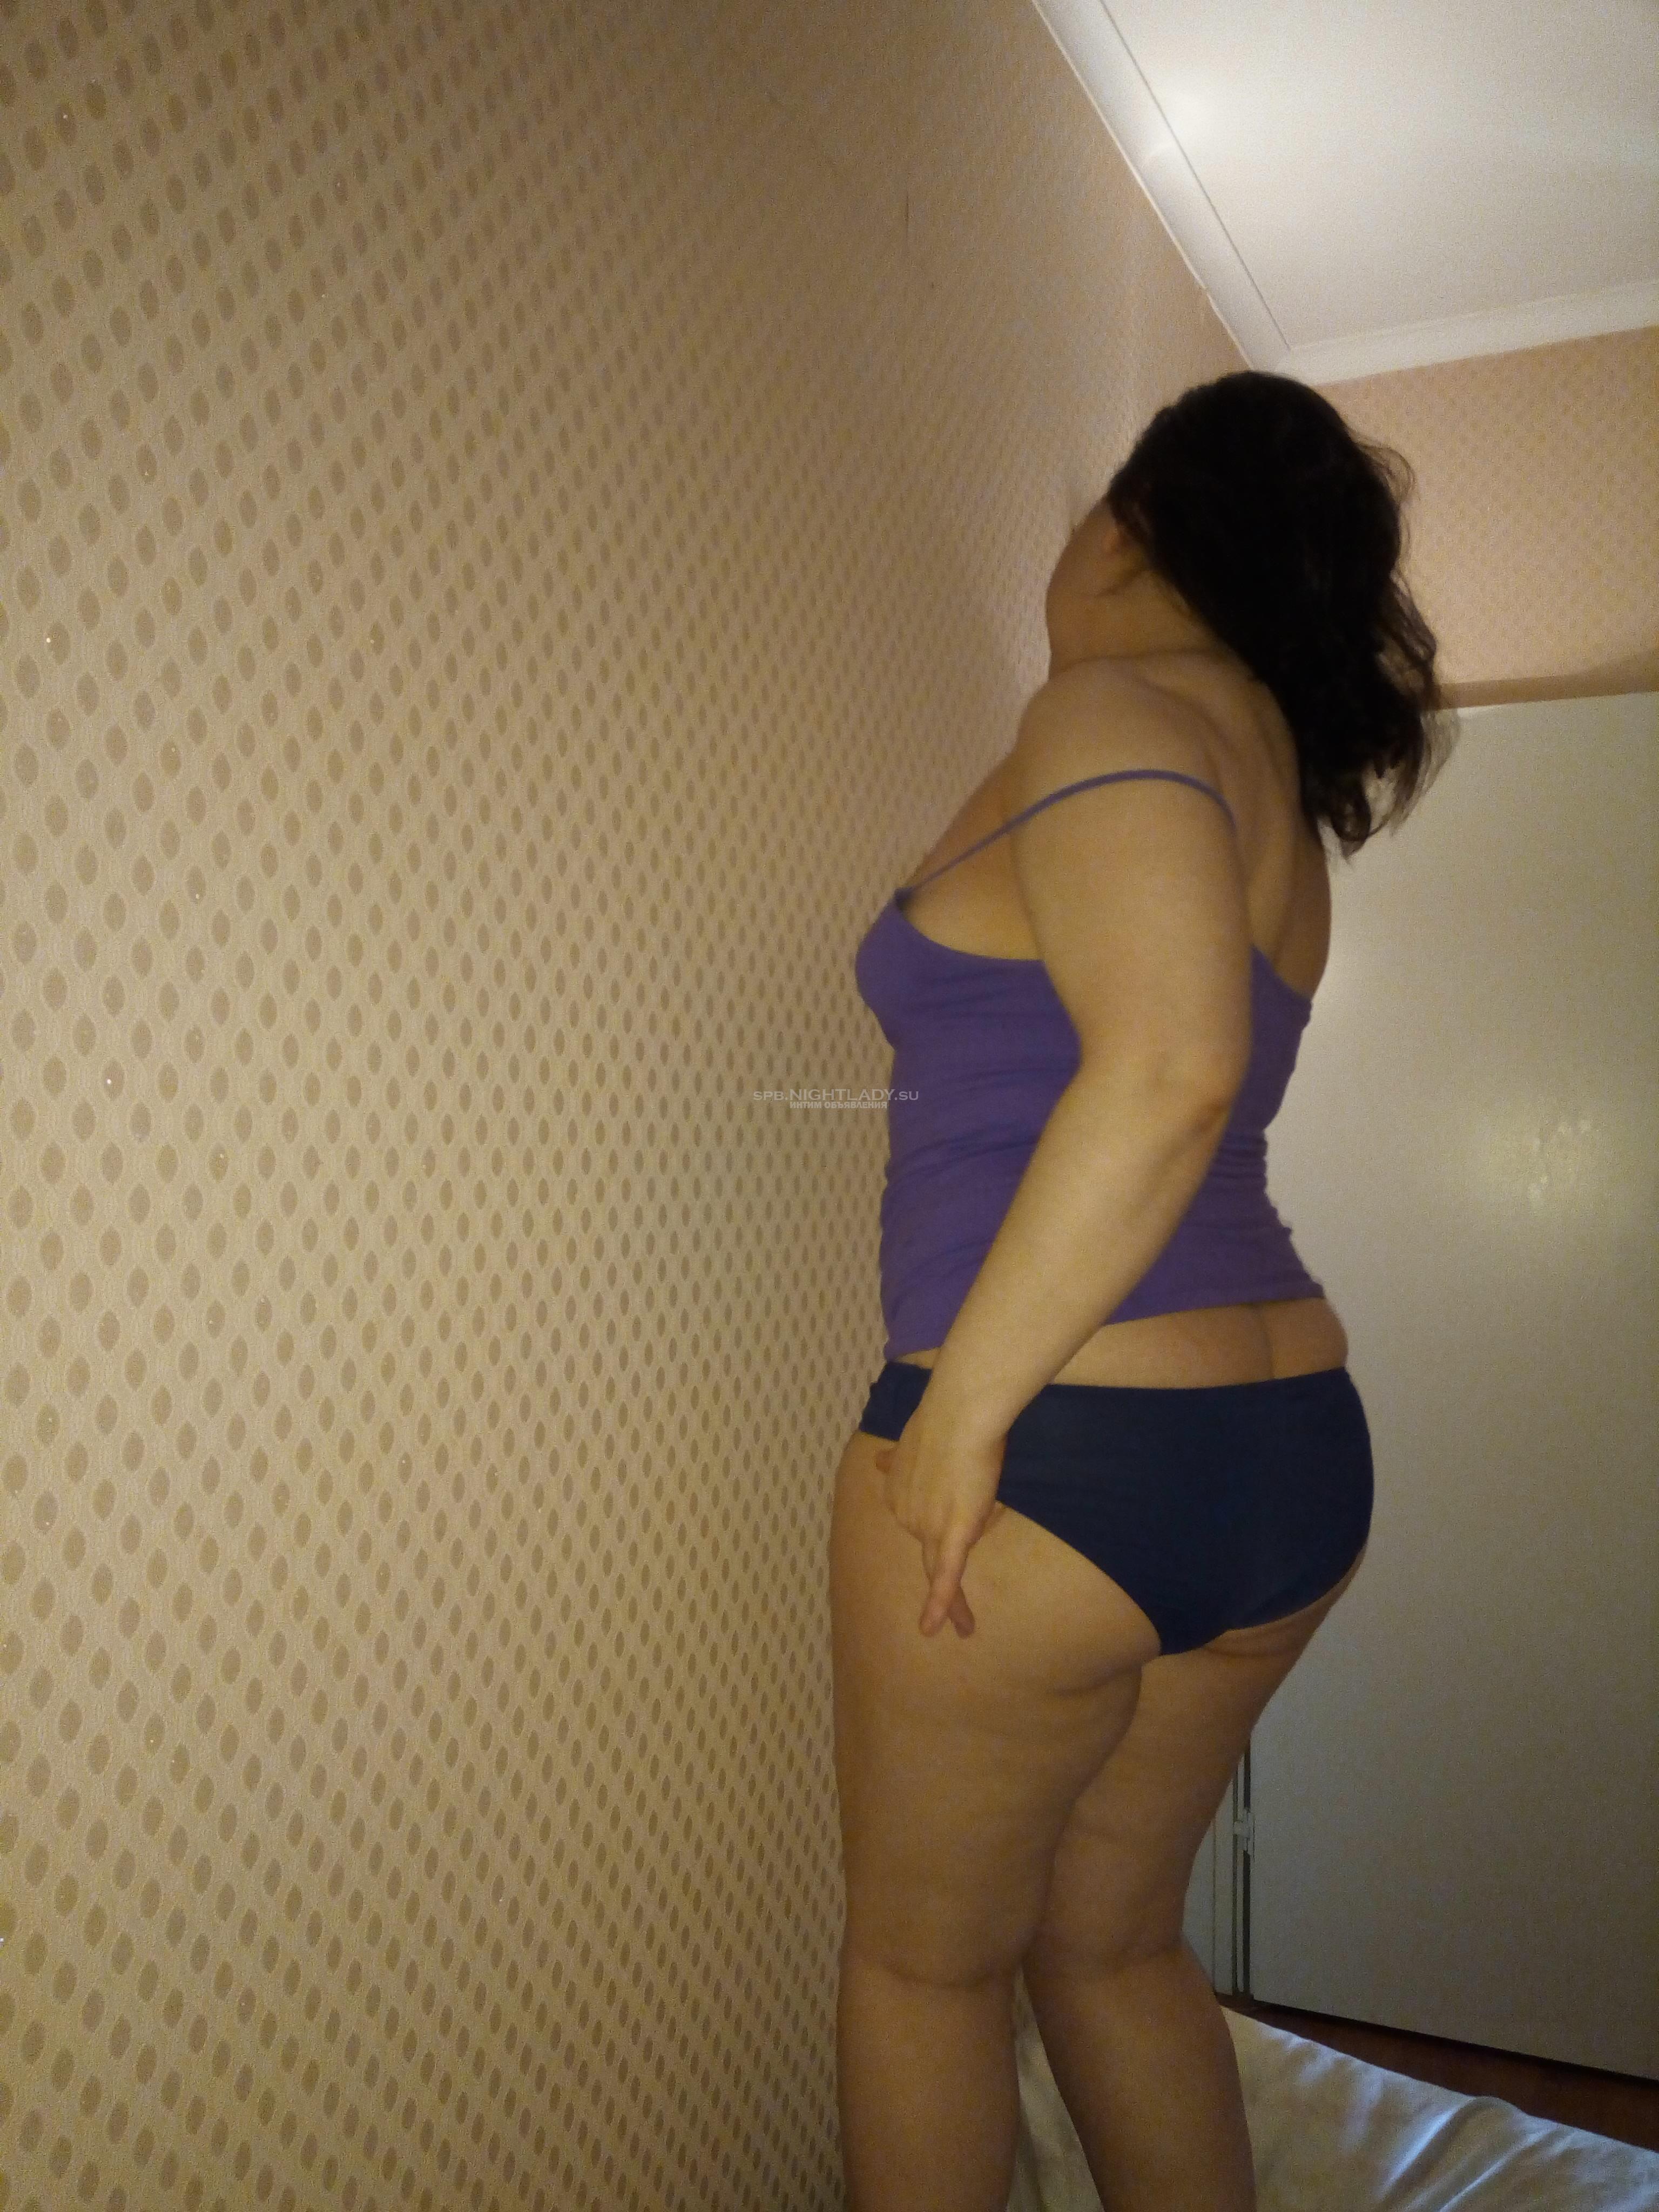 Объявления проституток в спб, смотреть эротика онлайн тетки